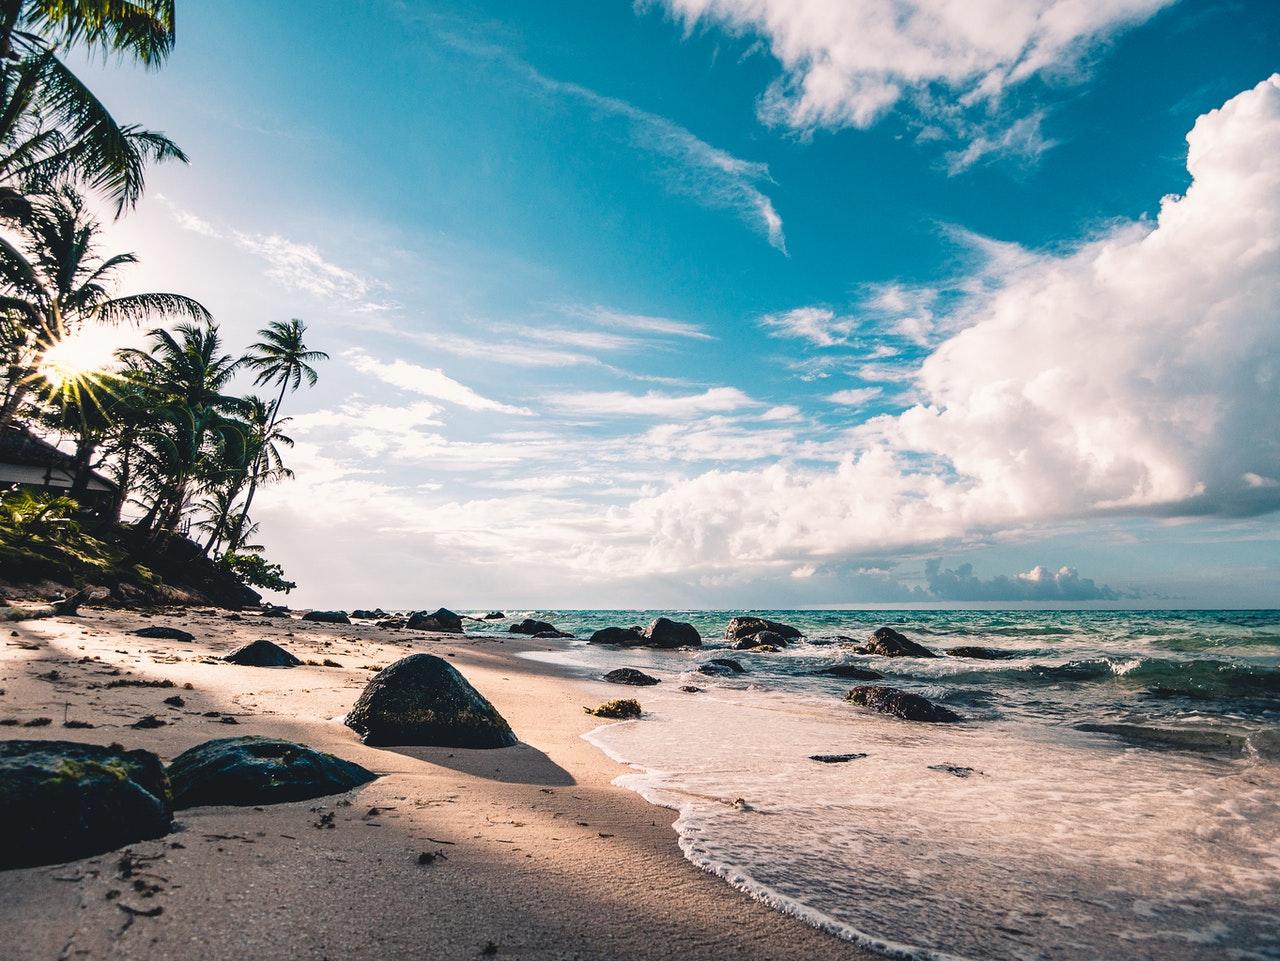 Tropisch eiland in het midden van de oceaan